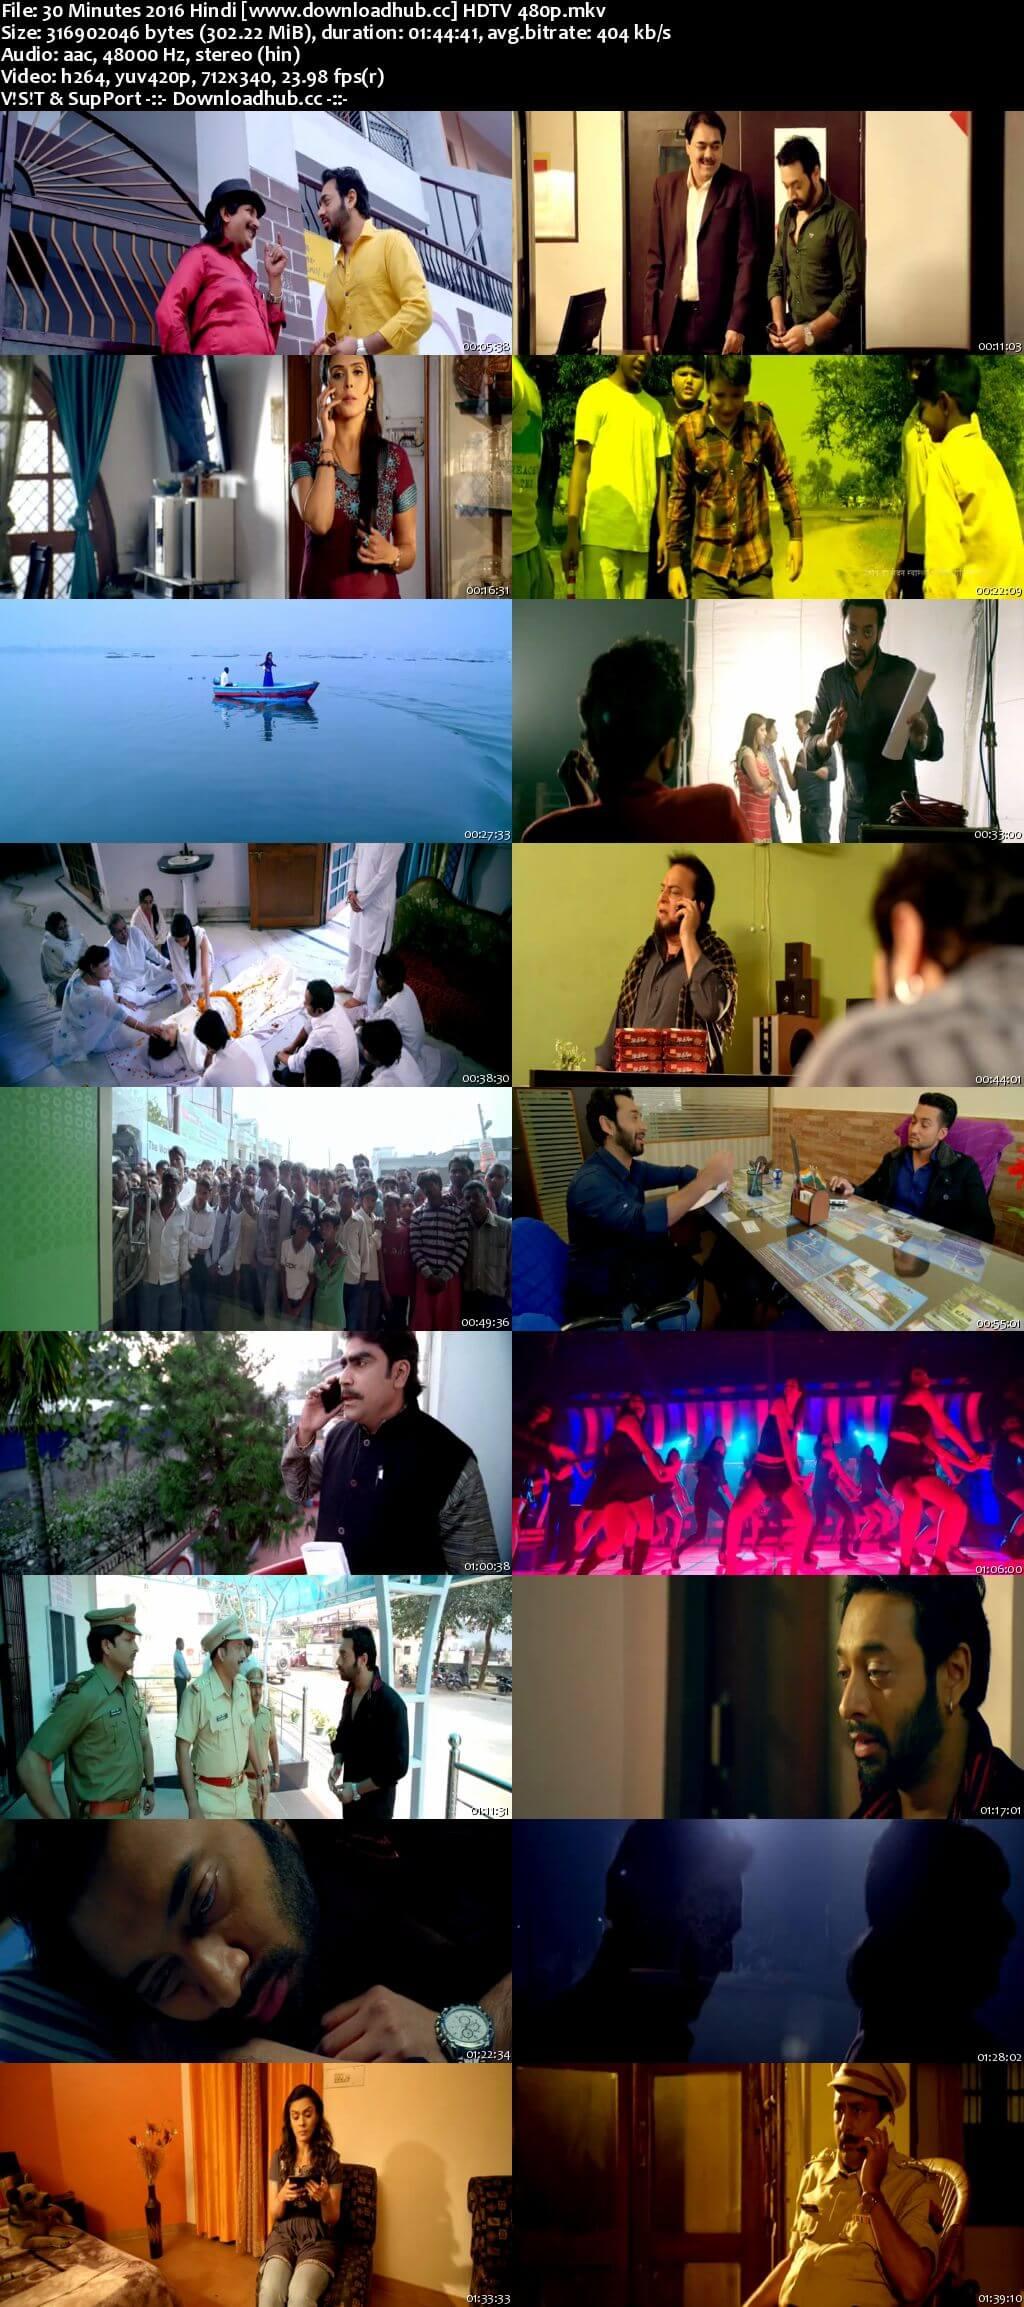 30 Minutes 2016 Hindi 300MB HDTV 480p